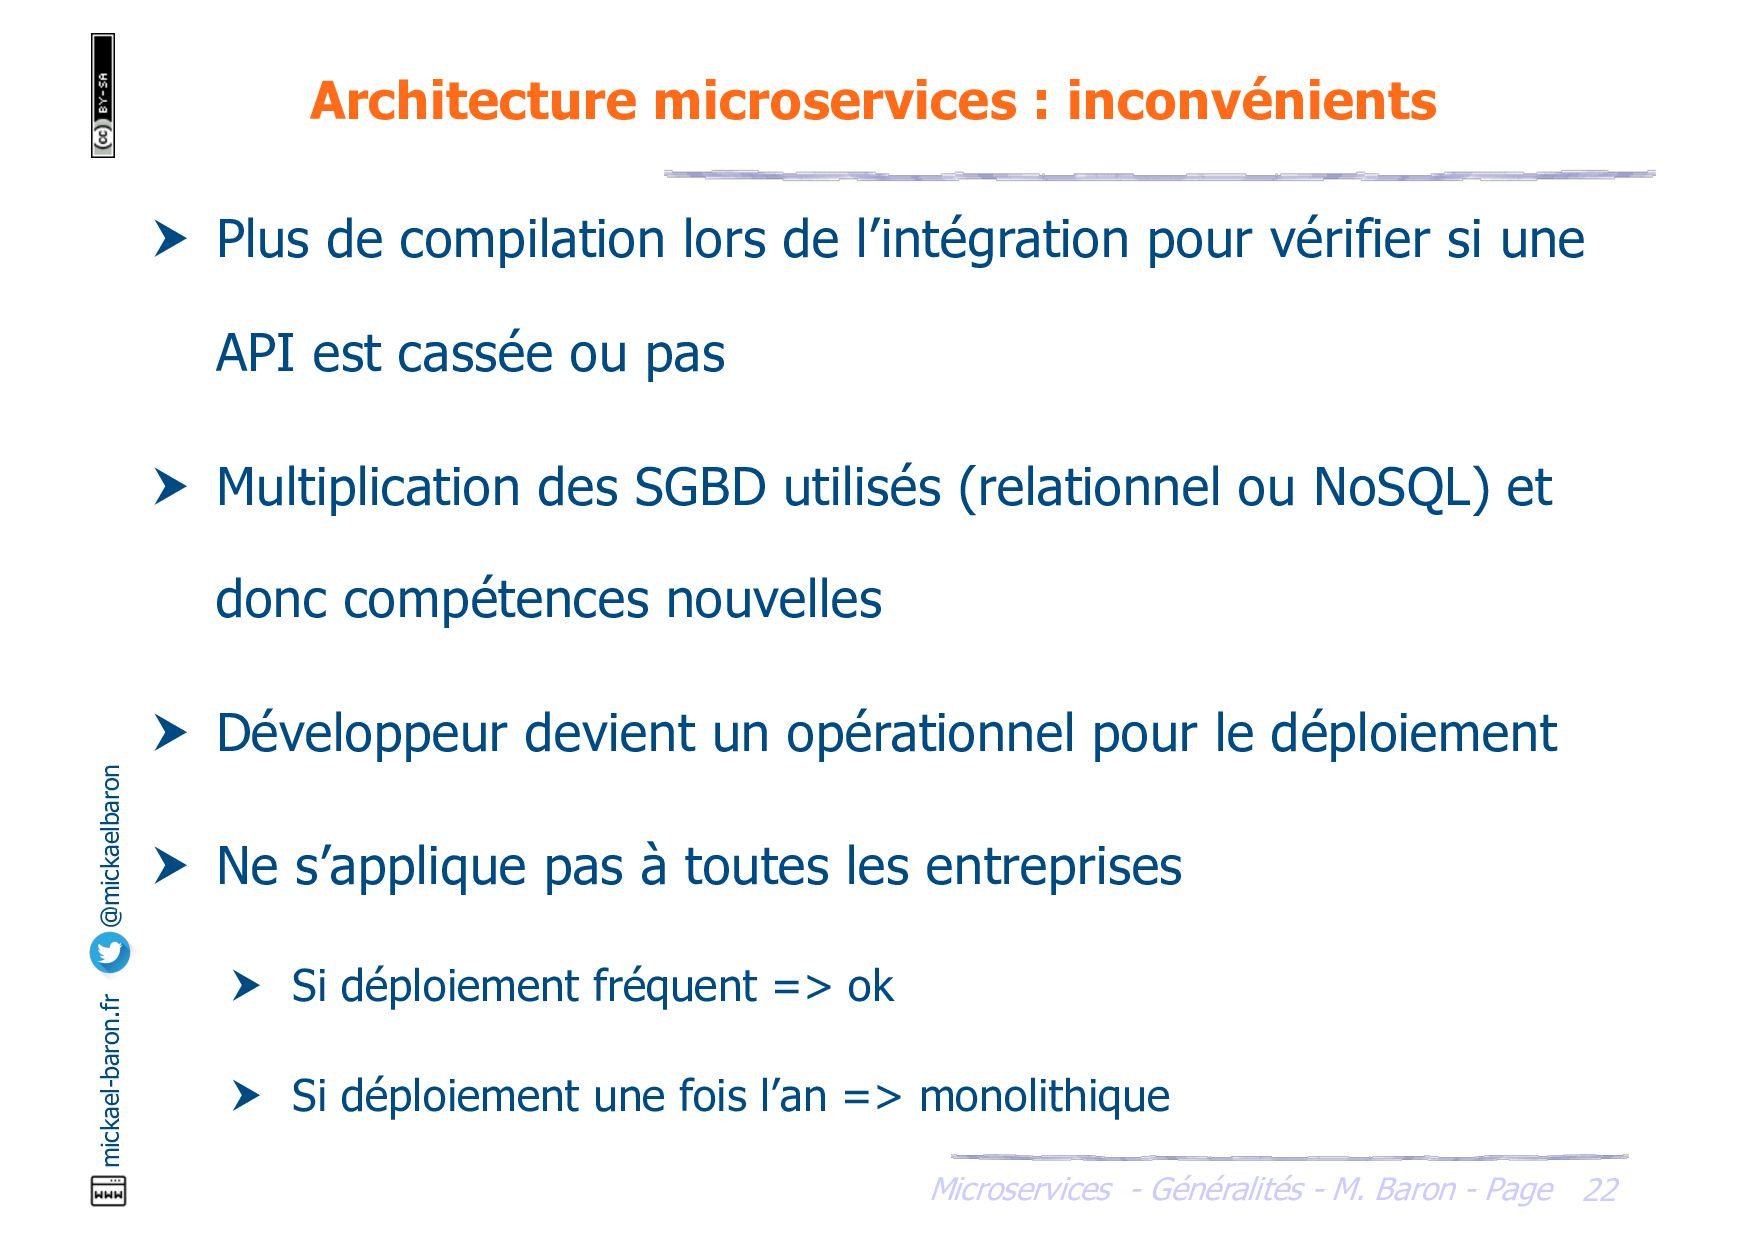 Microservices - Généralités - M. Baron - Page m...